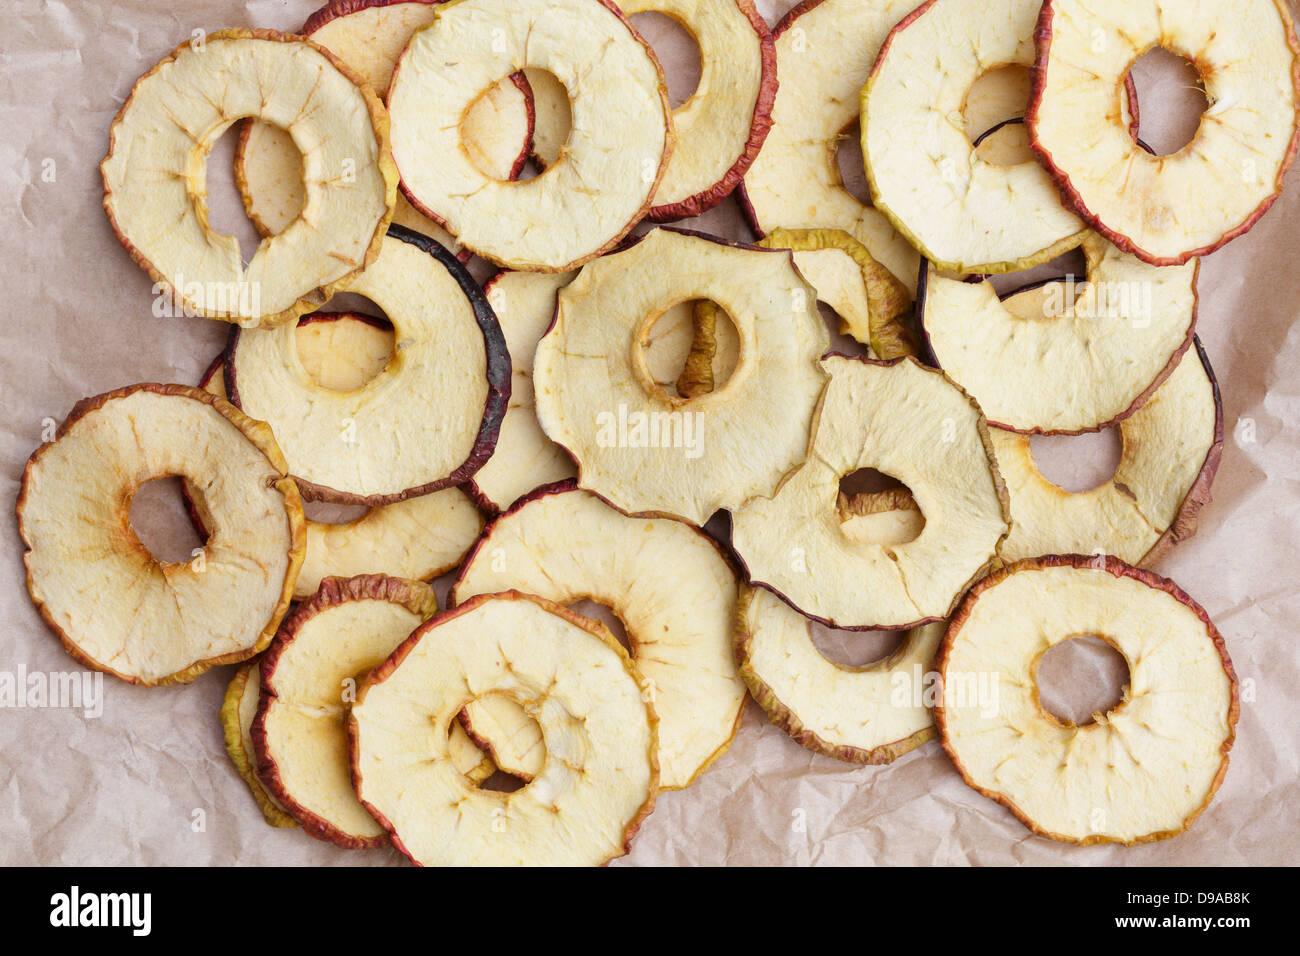 Anneaux de pommes séchées Photo Stock